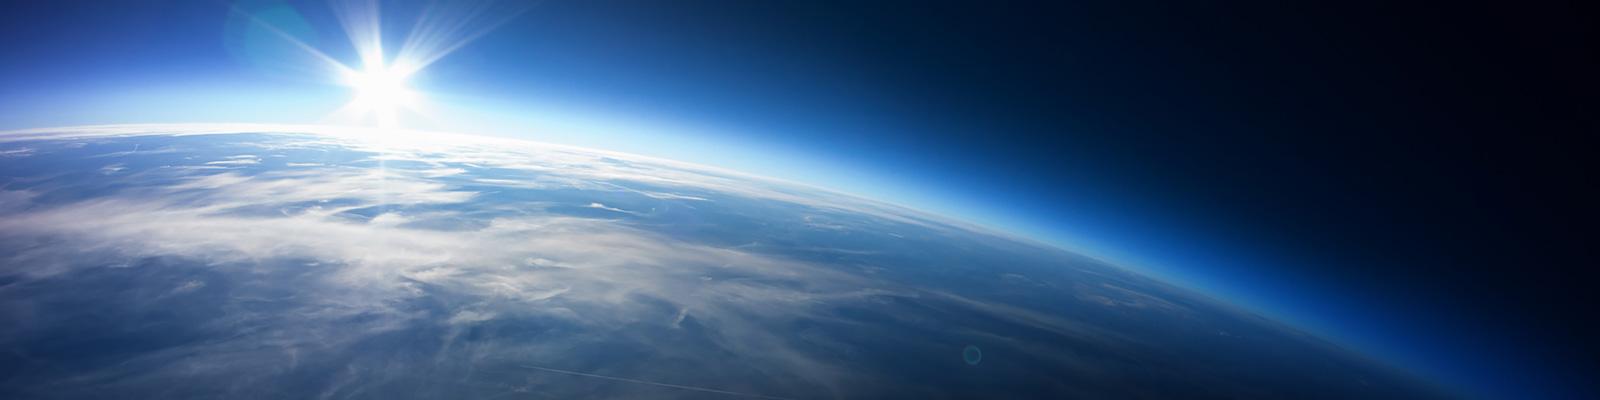 人工衛星 イメージ